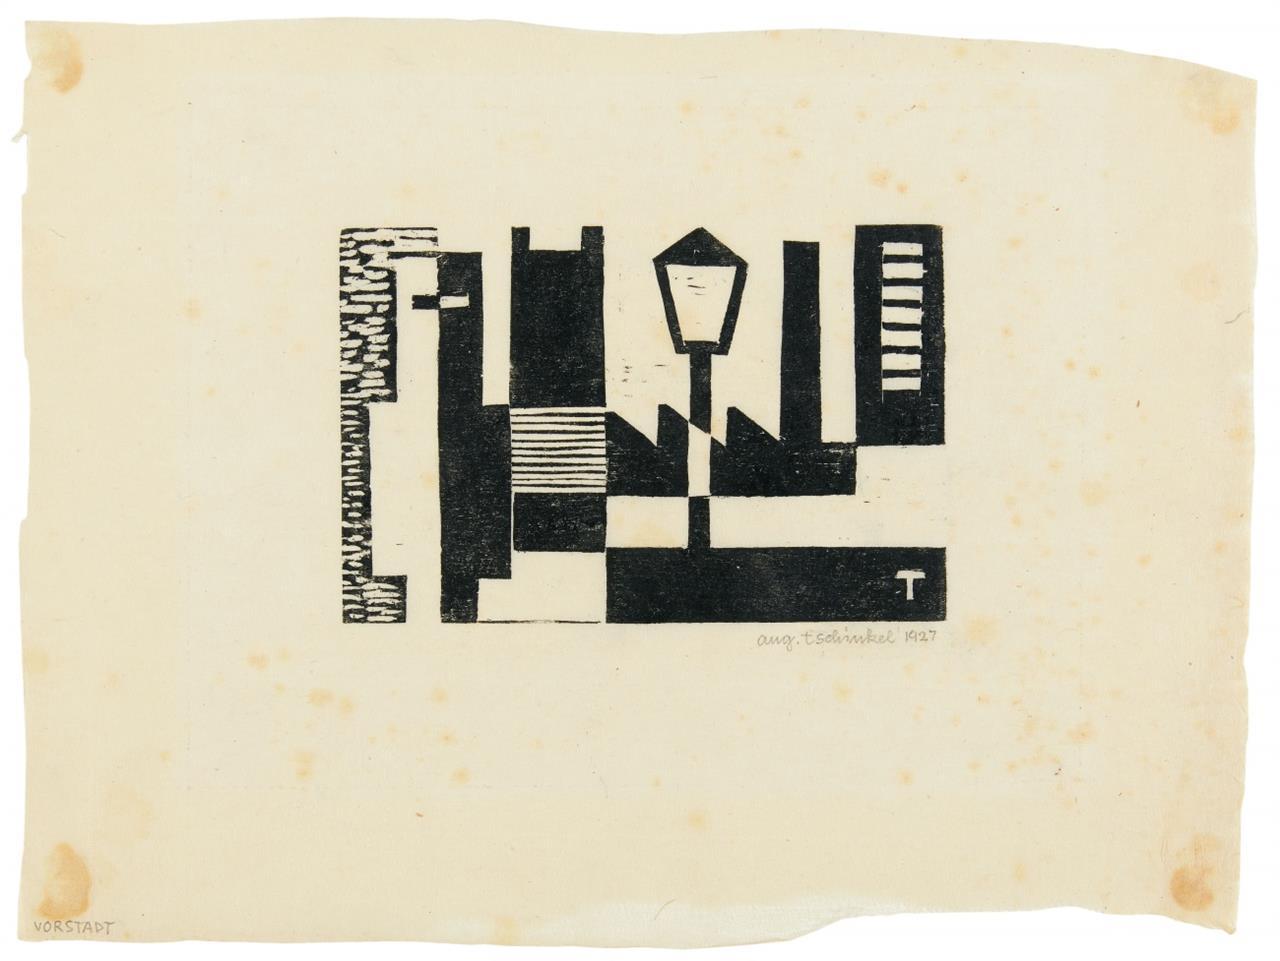 Augustin Tschinkel. Ohne Titel (Häuser mit Laterne). 1927. Linolschnitt. Signiert / Beilage: Ohne Titel (Hinrichtung). Neudruck 1972. Signiert. Zus. 2 Blatt.